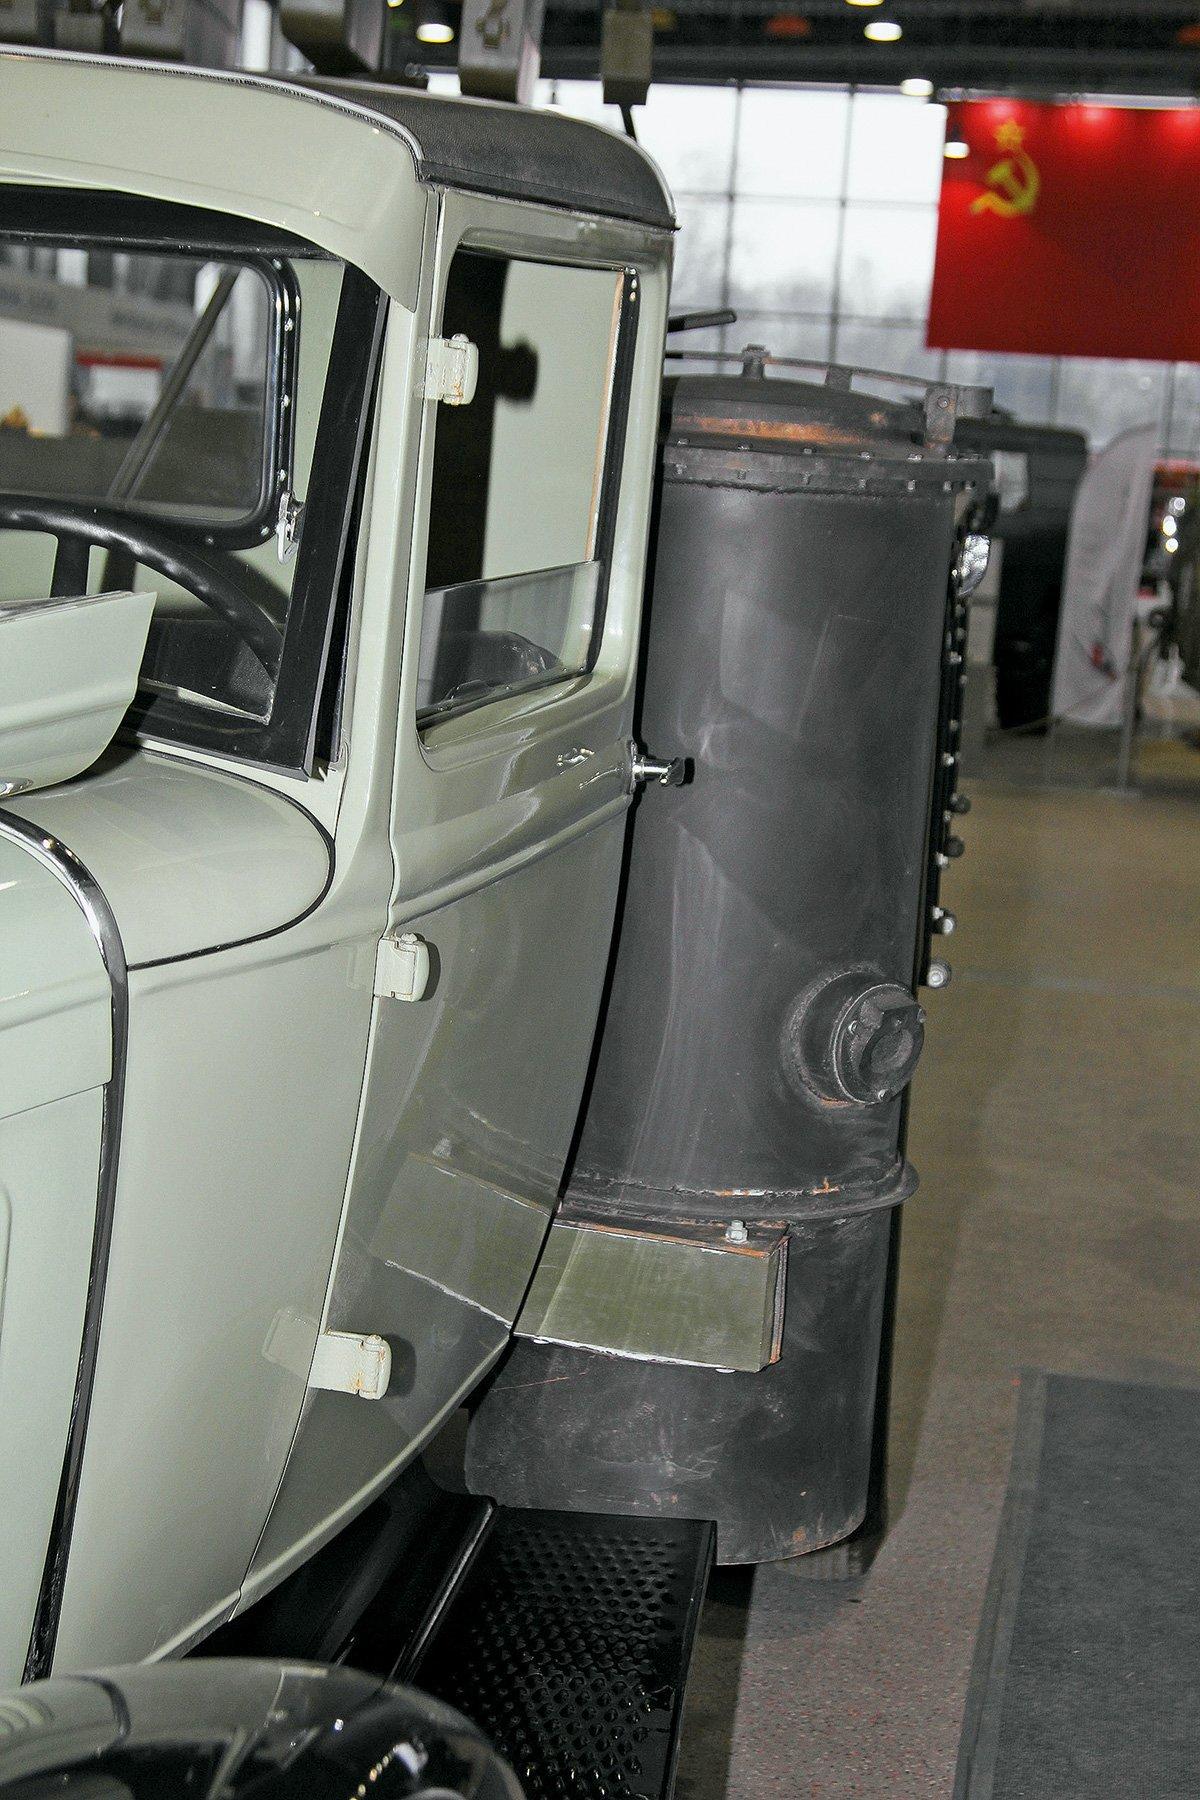 Газогенераторный ополченец: этот ГАЗ можно «заправлять» углём, дровами и даже торфом!